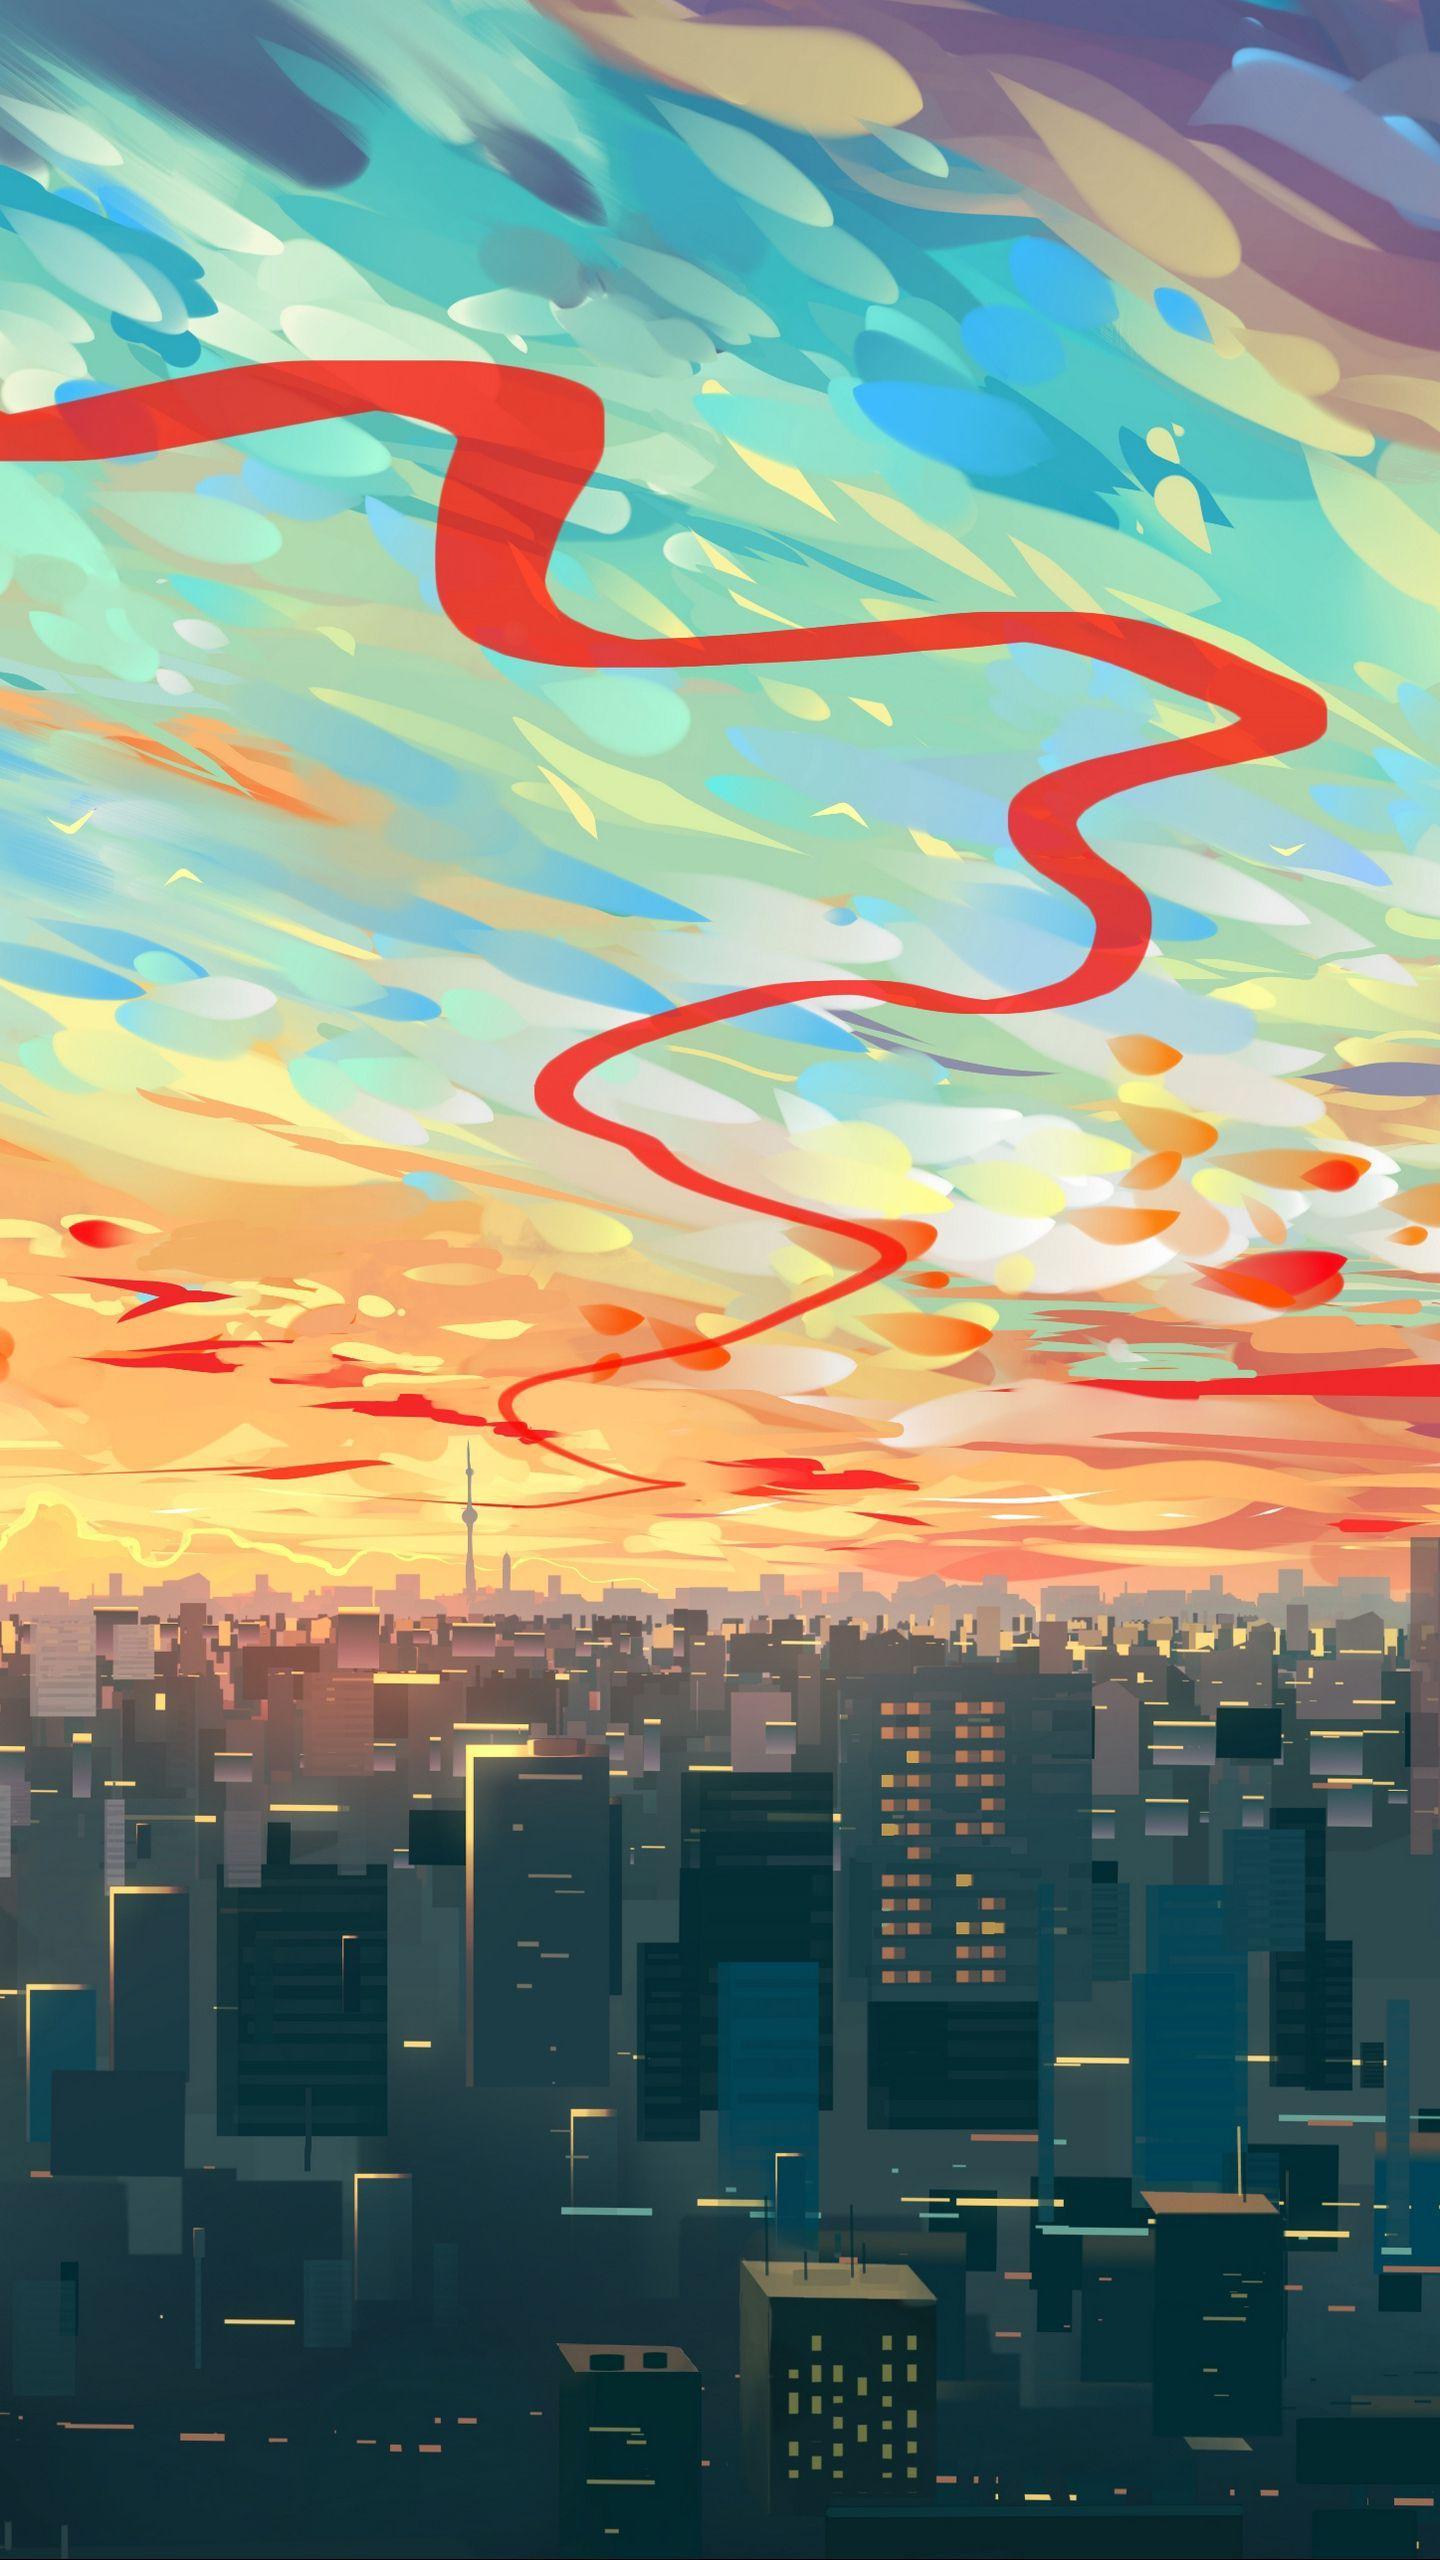 Free 43 Colorful Desktop Backgrounds Desktop Background Pictures Free Wallpaper Backgrounds Backgrounds Desktop